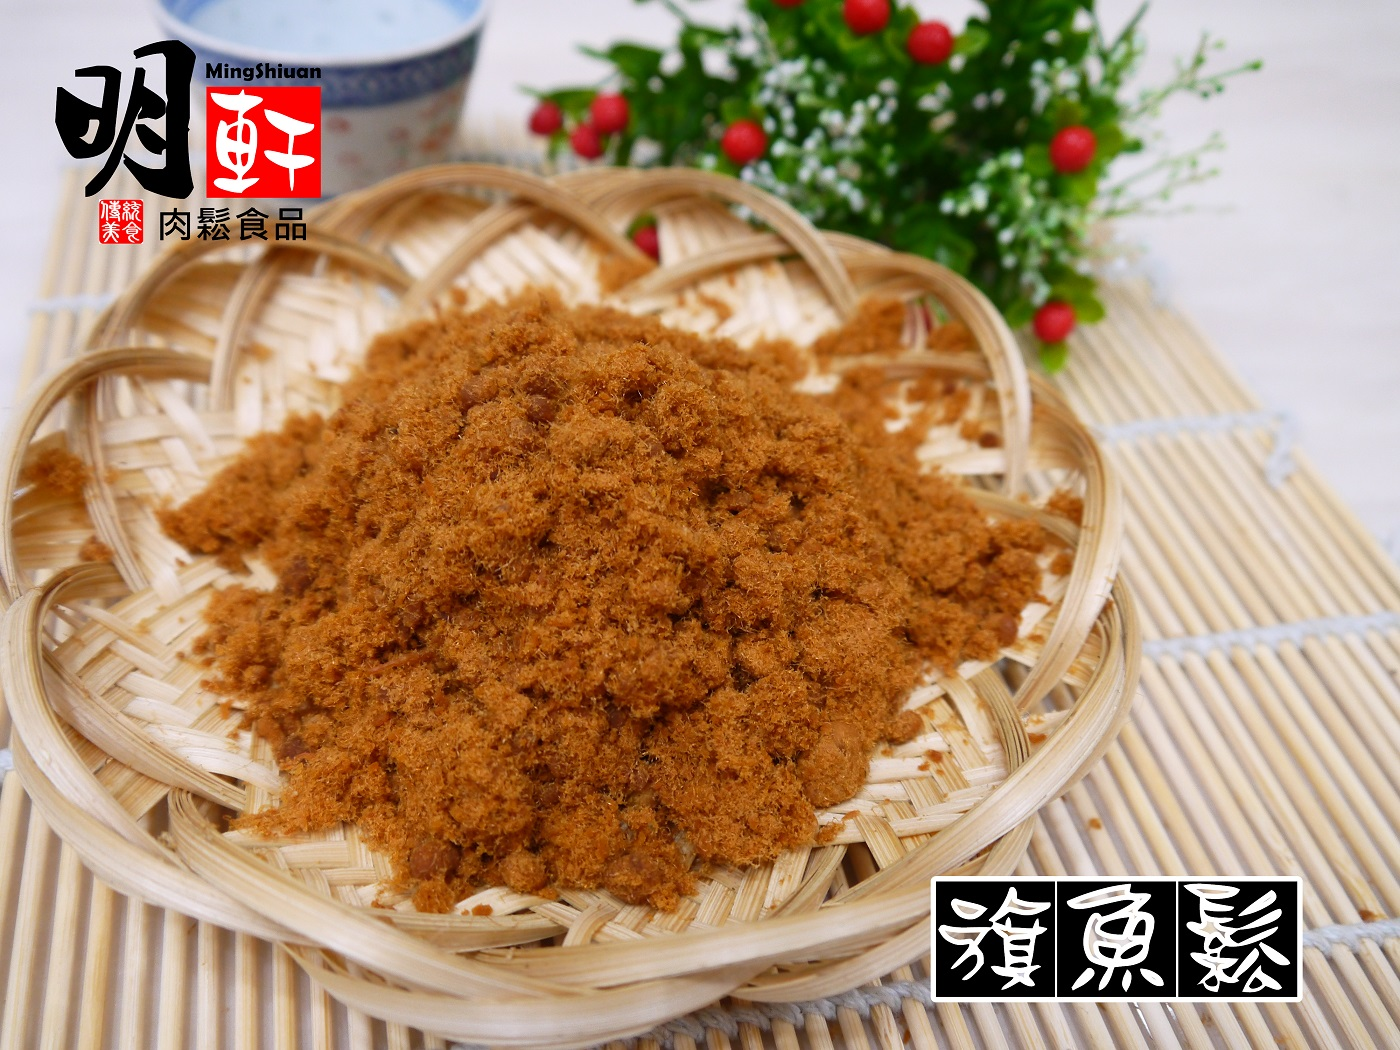 【明軒肉鬆食品】旗魚鬆~輕巧包(135g)